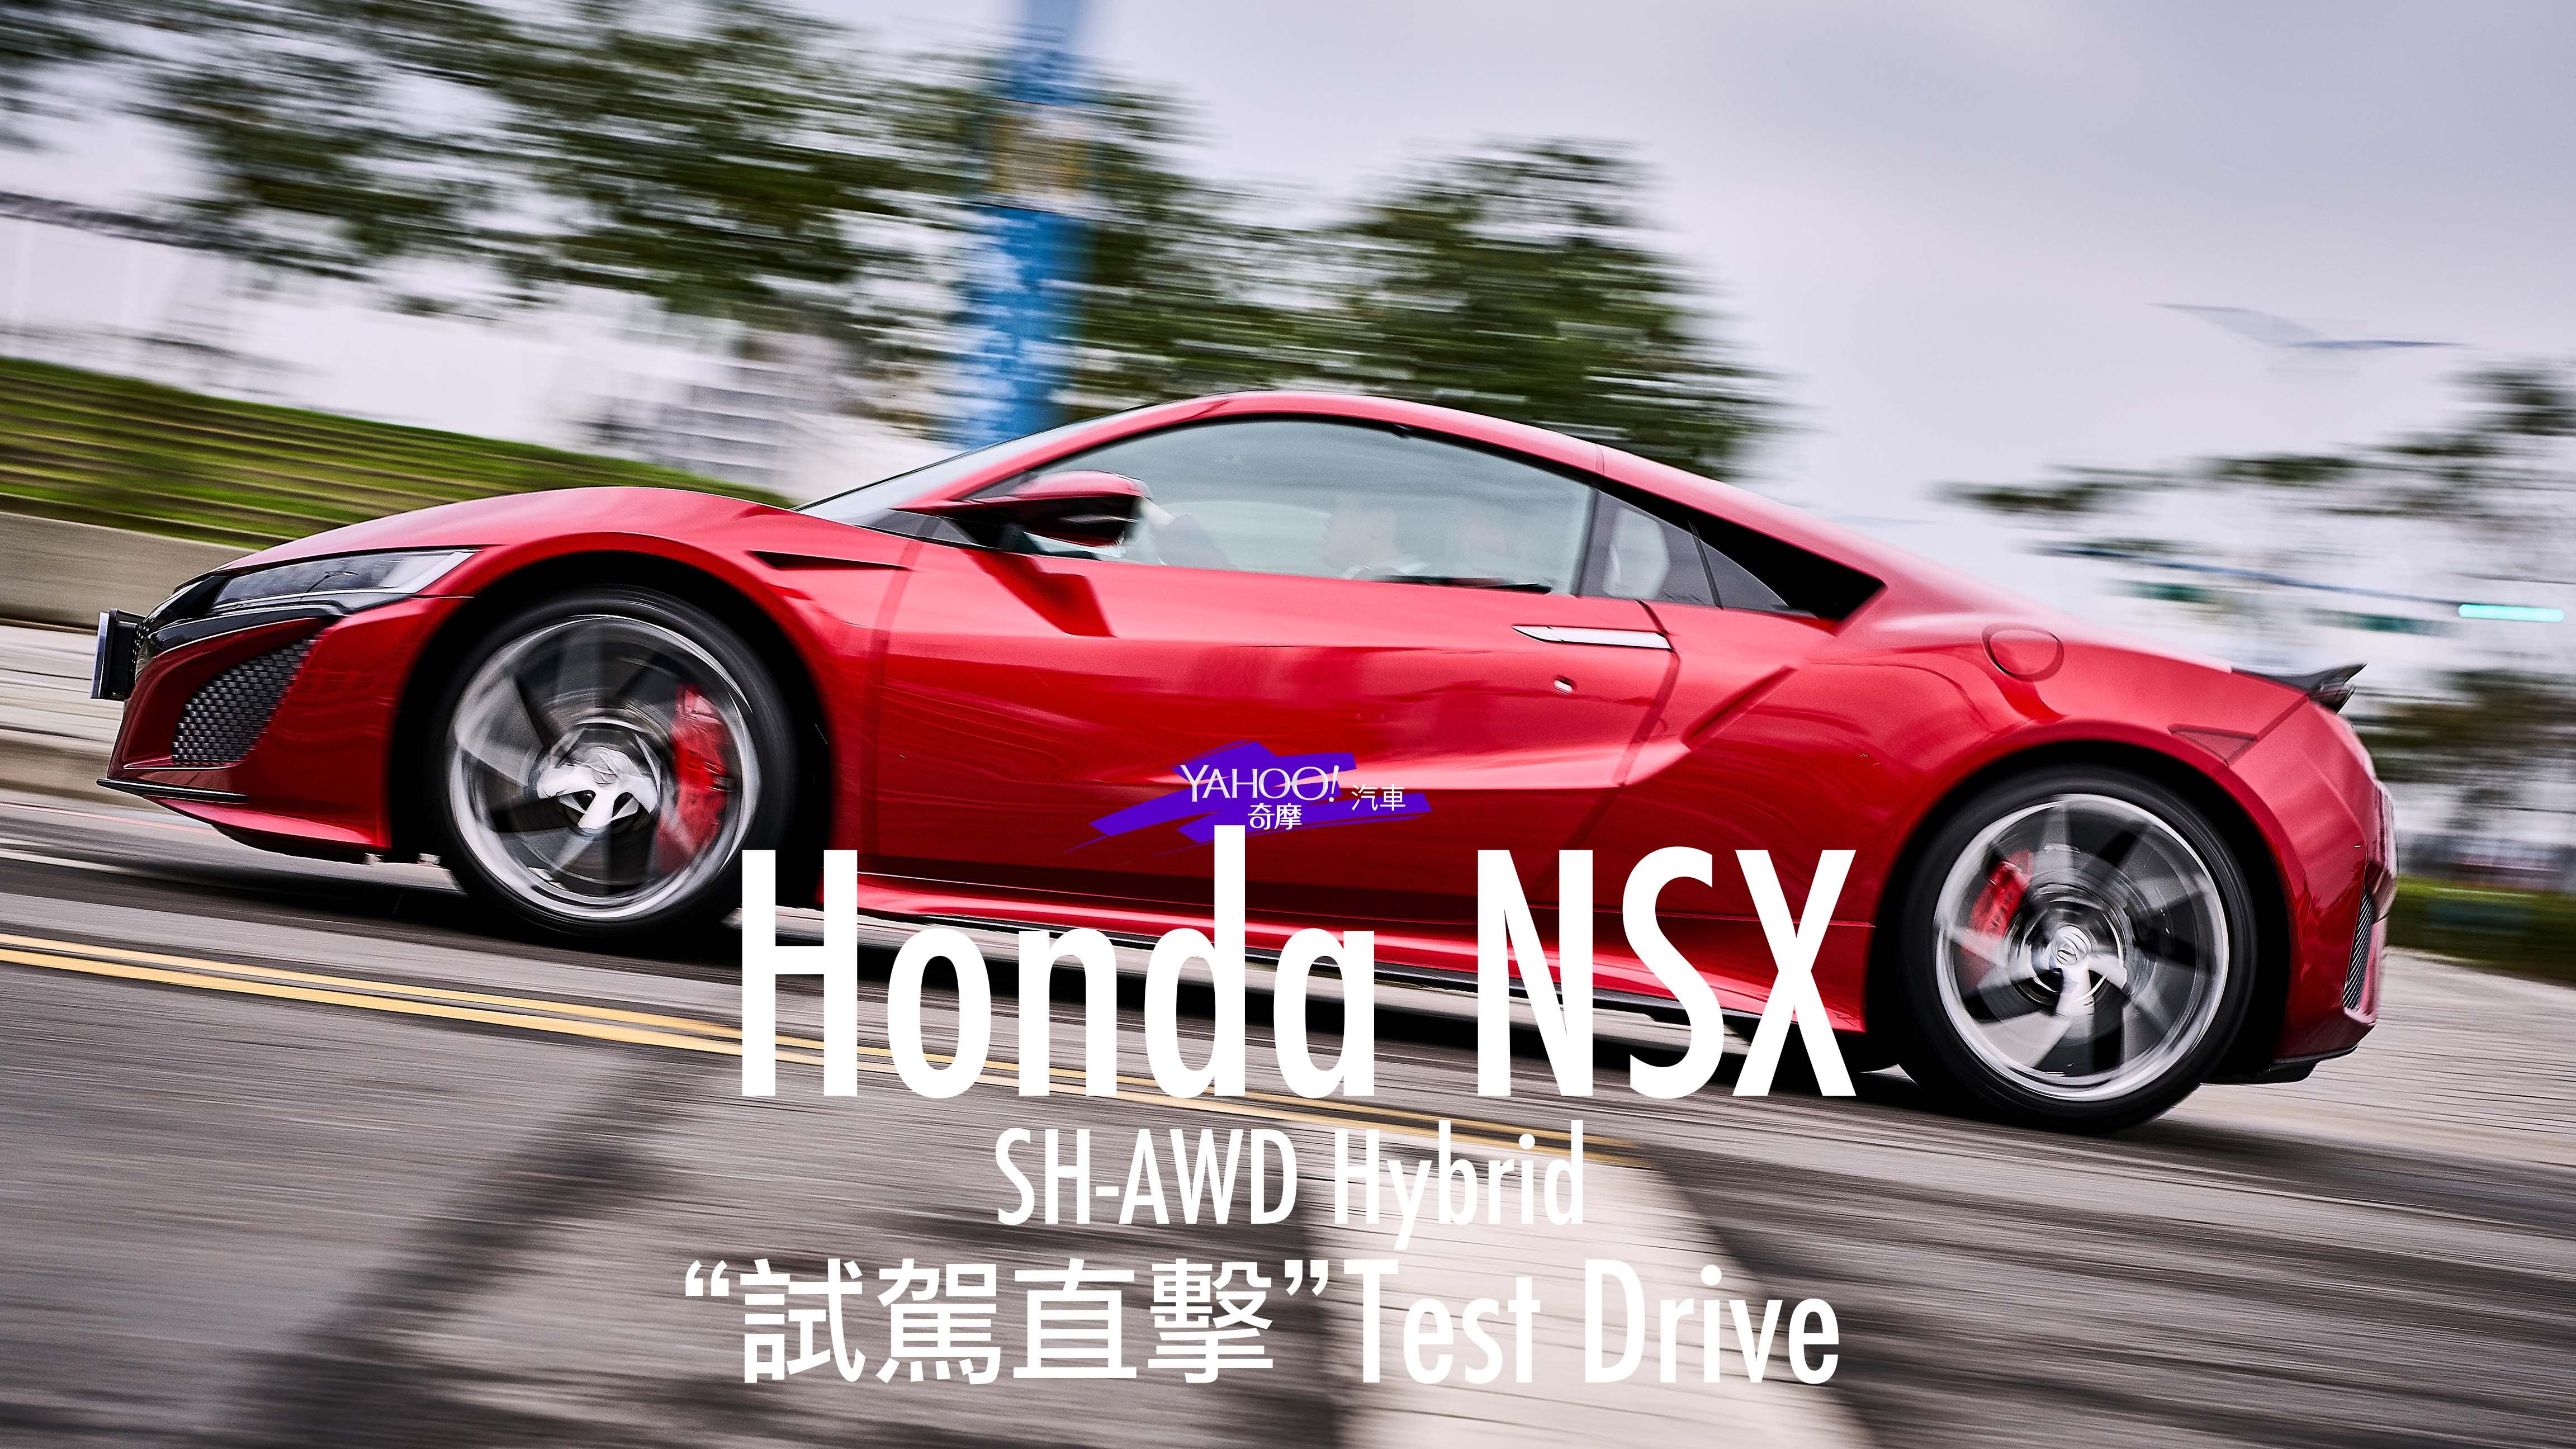 【試駕直擊】既是大和撫子、亦是喧嘩上等!Honda油電超跑NSX試駕